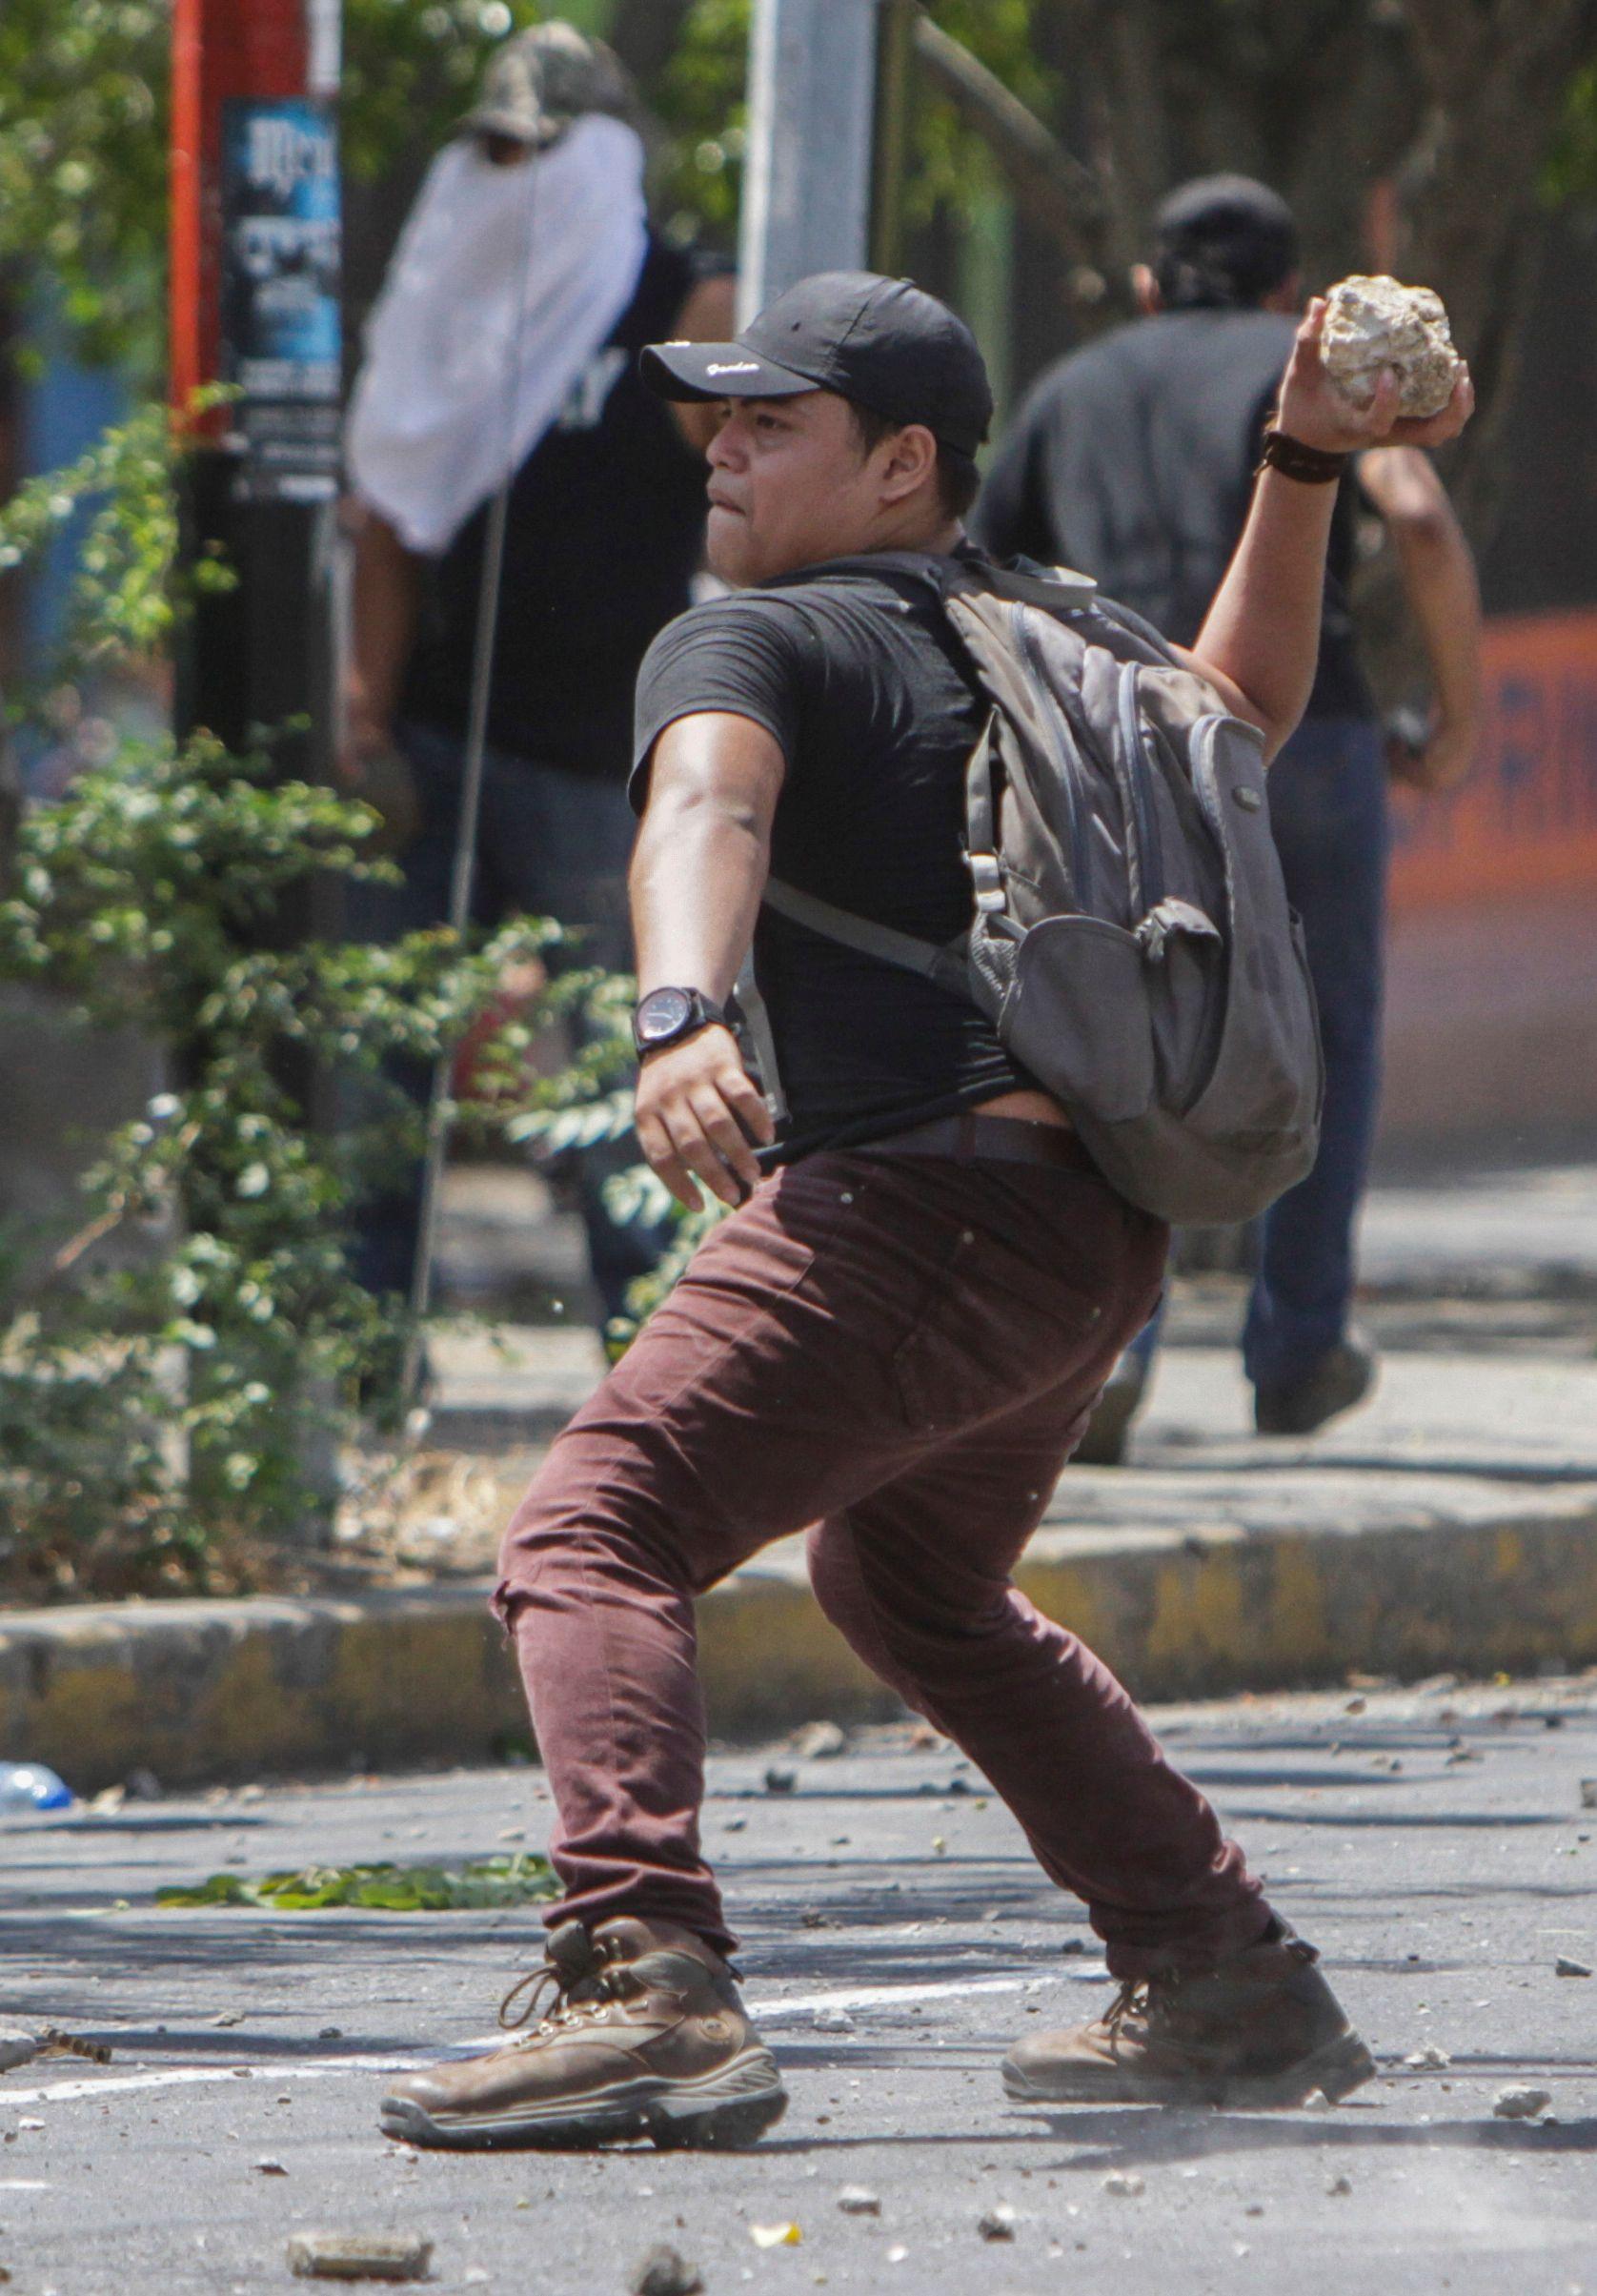 أحد الطلاب يشتبك مع الشرطة بالحجارة